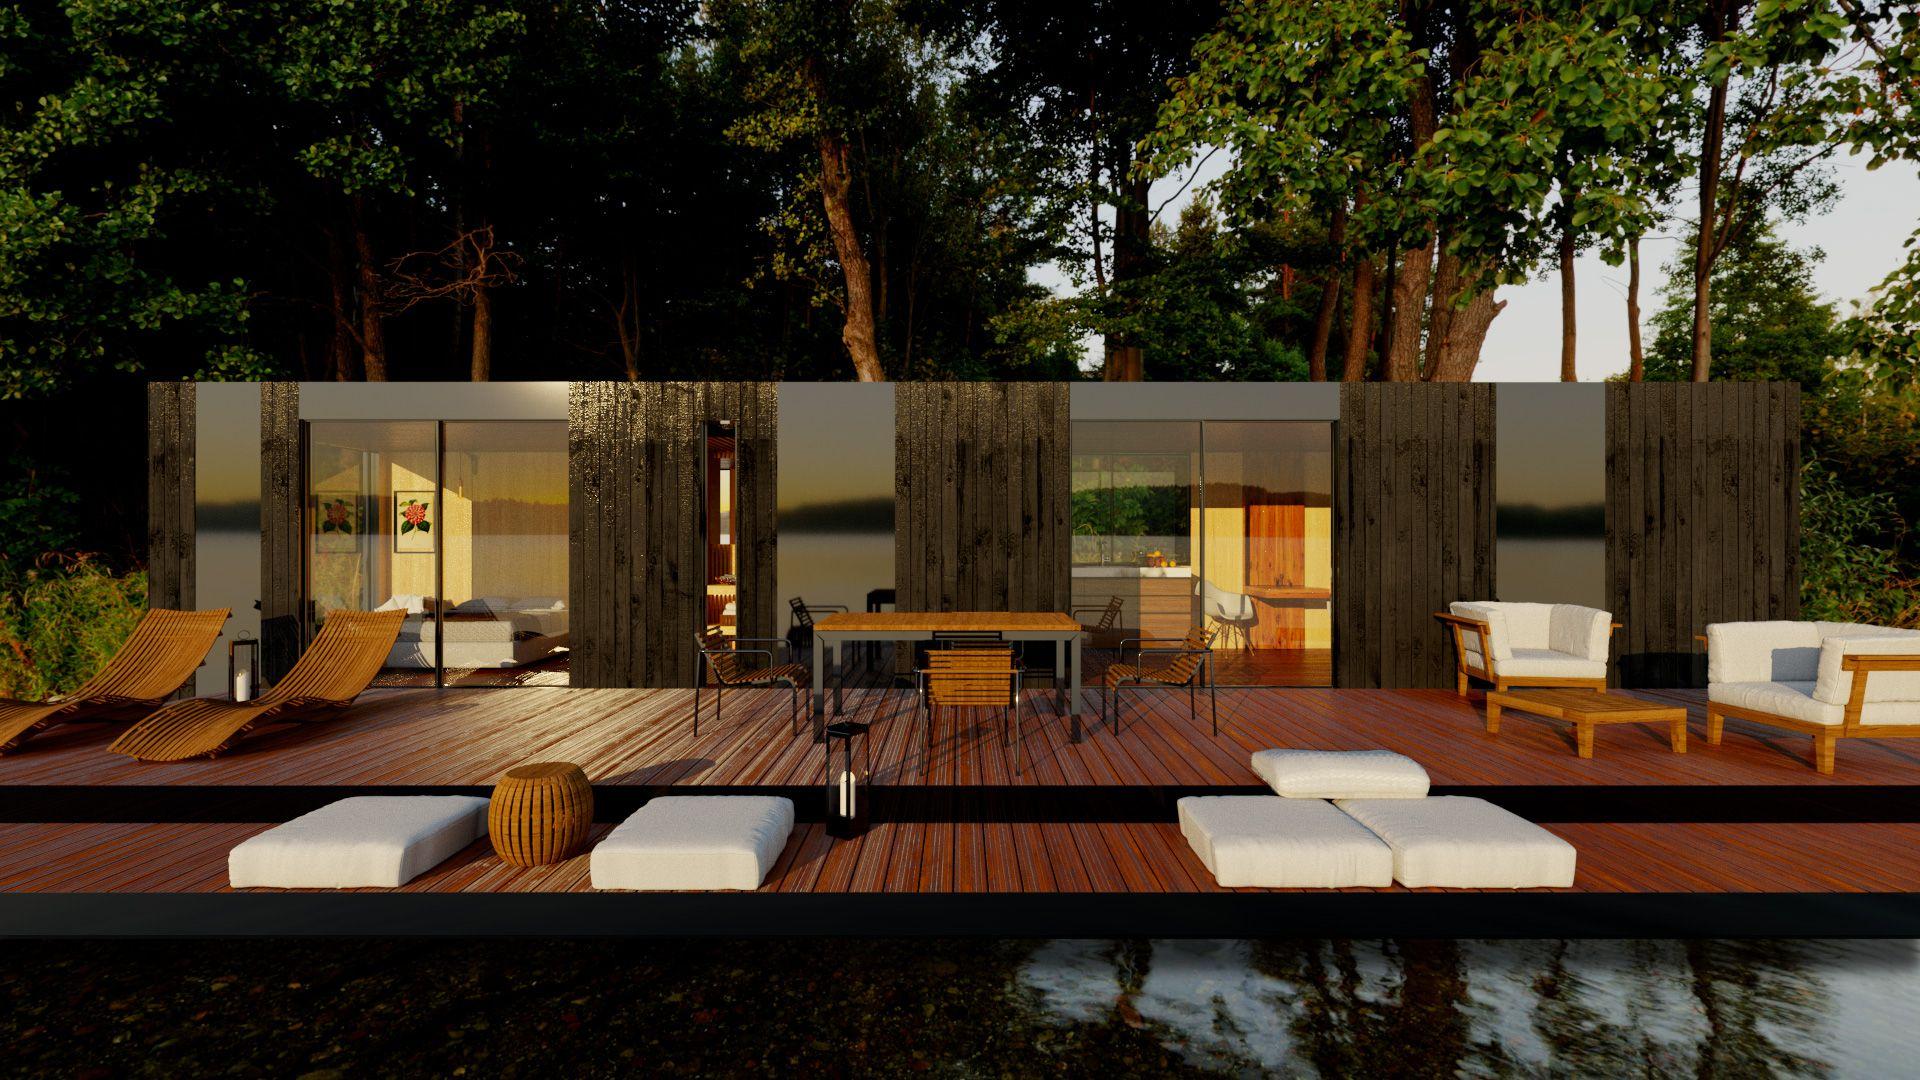 Novablok – Novablok vous propose un habitat durable pratique